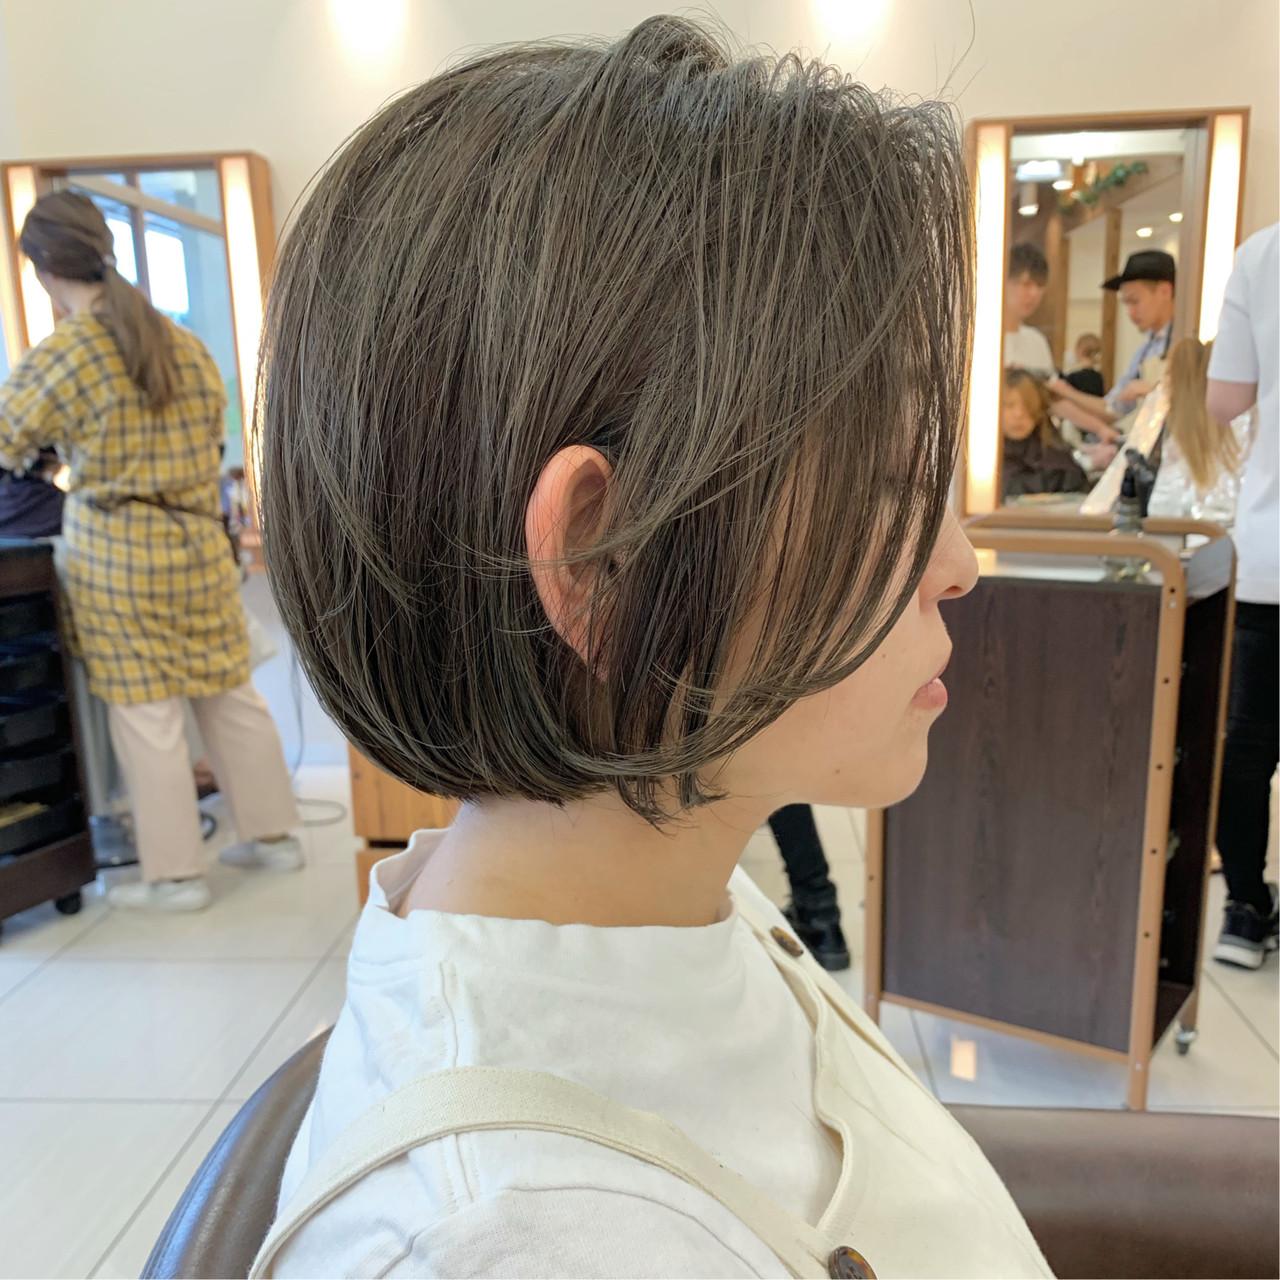 ふんわりショート ショートヘア 大人可愛い ふんわり ヘアスタイルや髪型の写真・画像